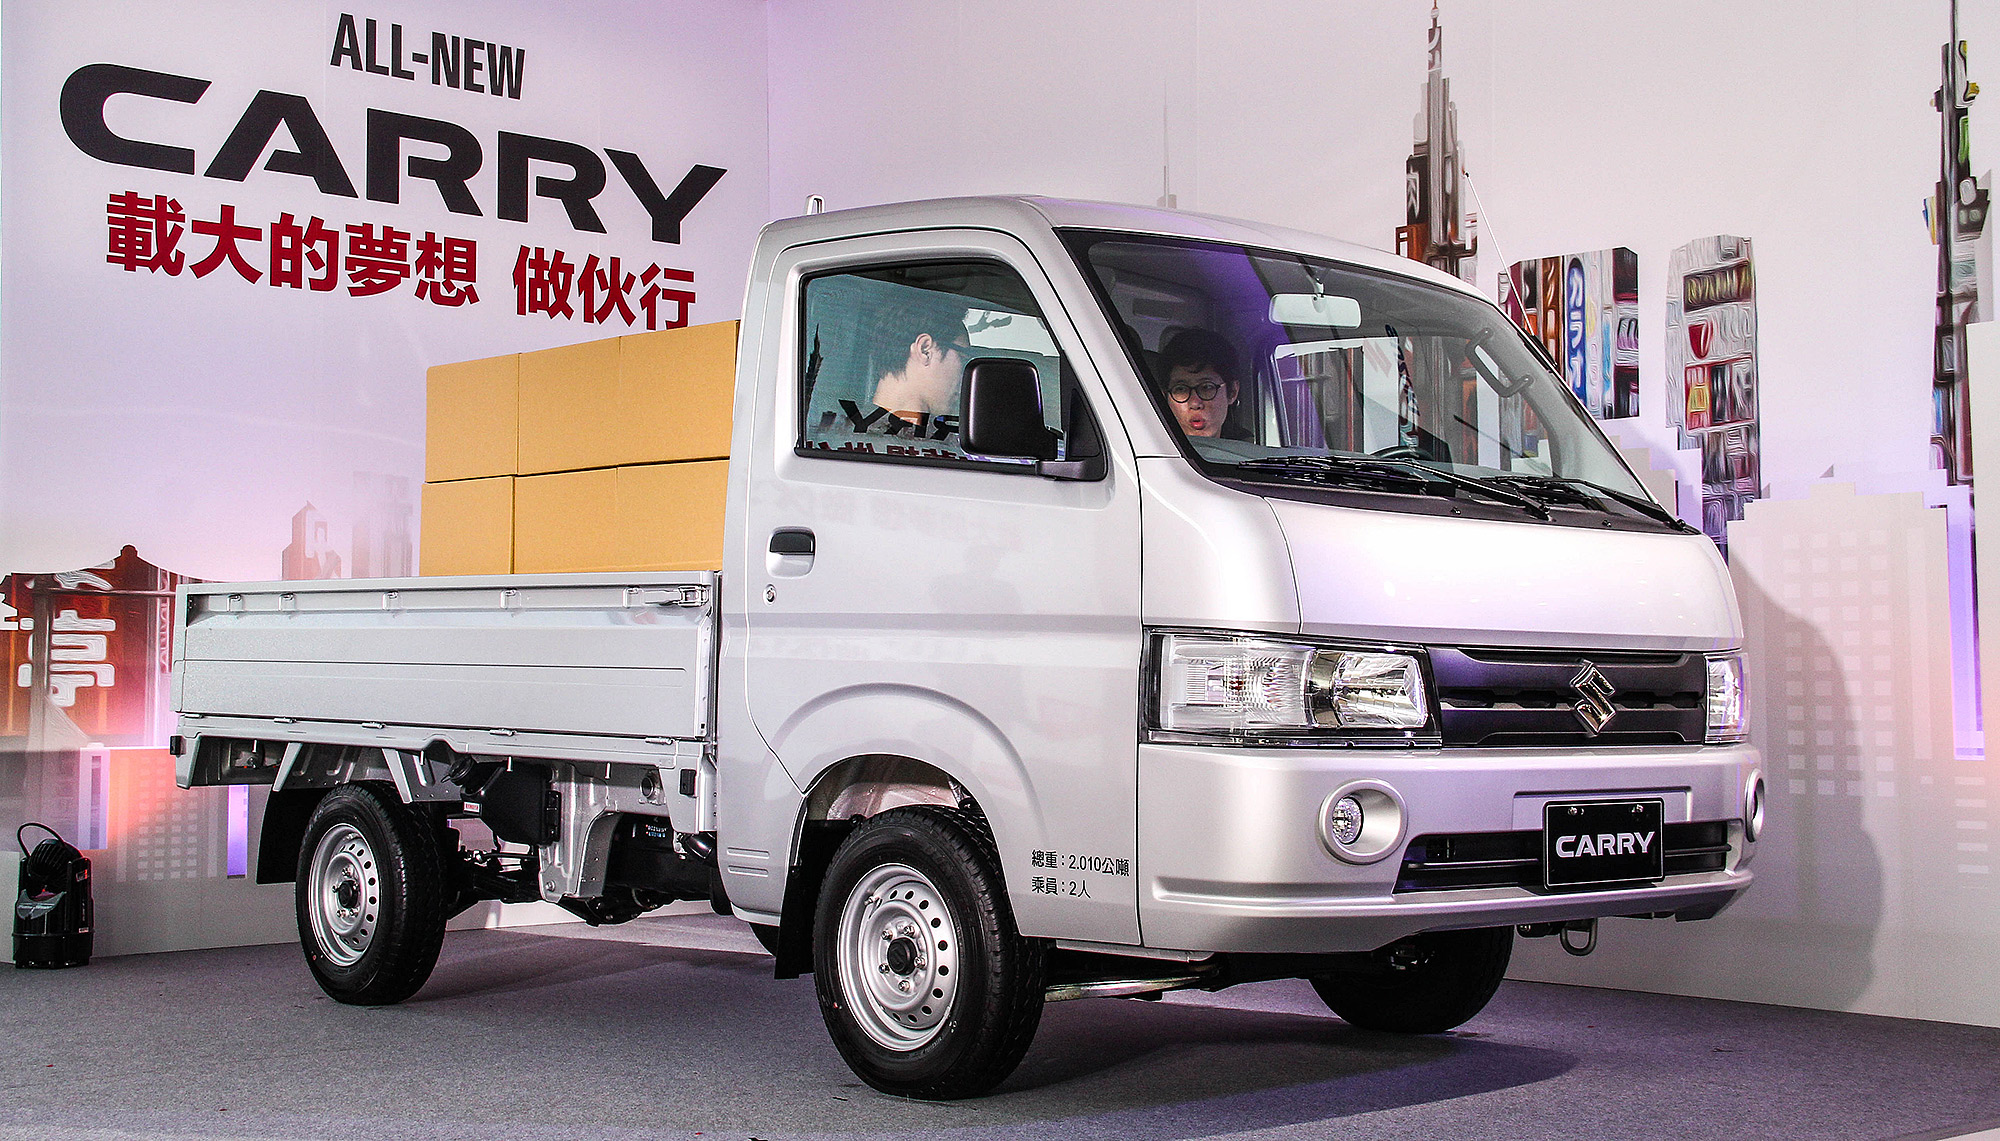 Suzuki Carry 49.9 萬元重返台灣,全車系雙氣囊再享同級最大載運平台